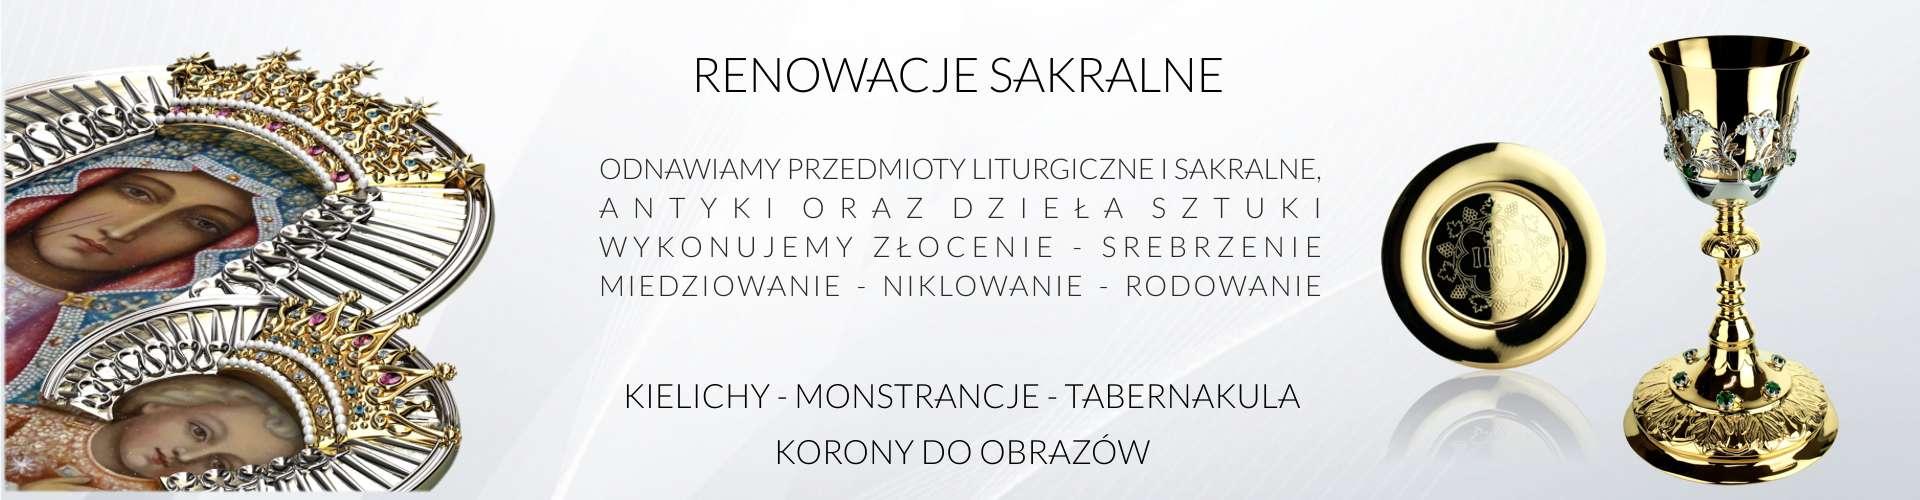 www.argentum-renowacje.pl